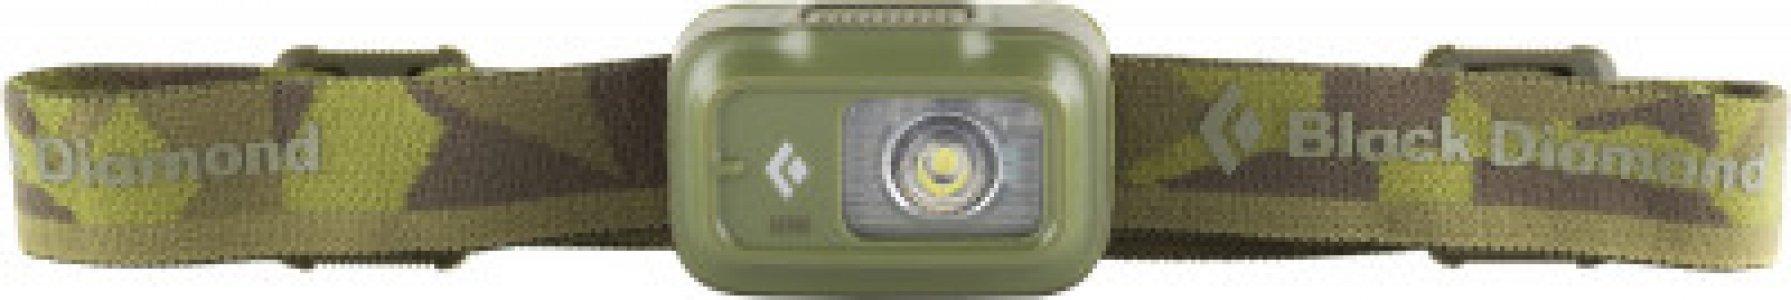 Фонарь налобный ASTRO 175 Black Diamond. Цвет: зеленый